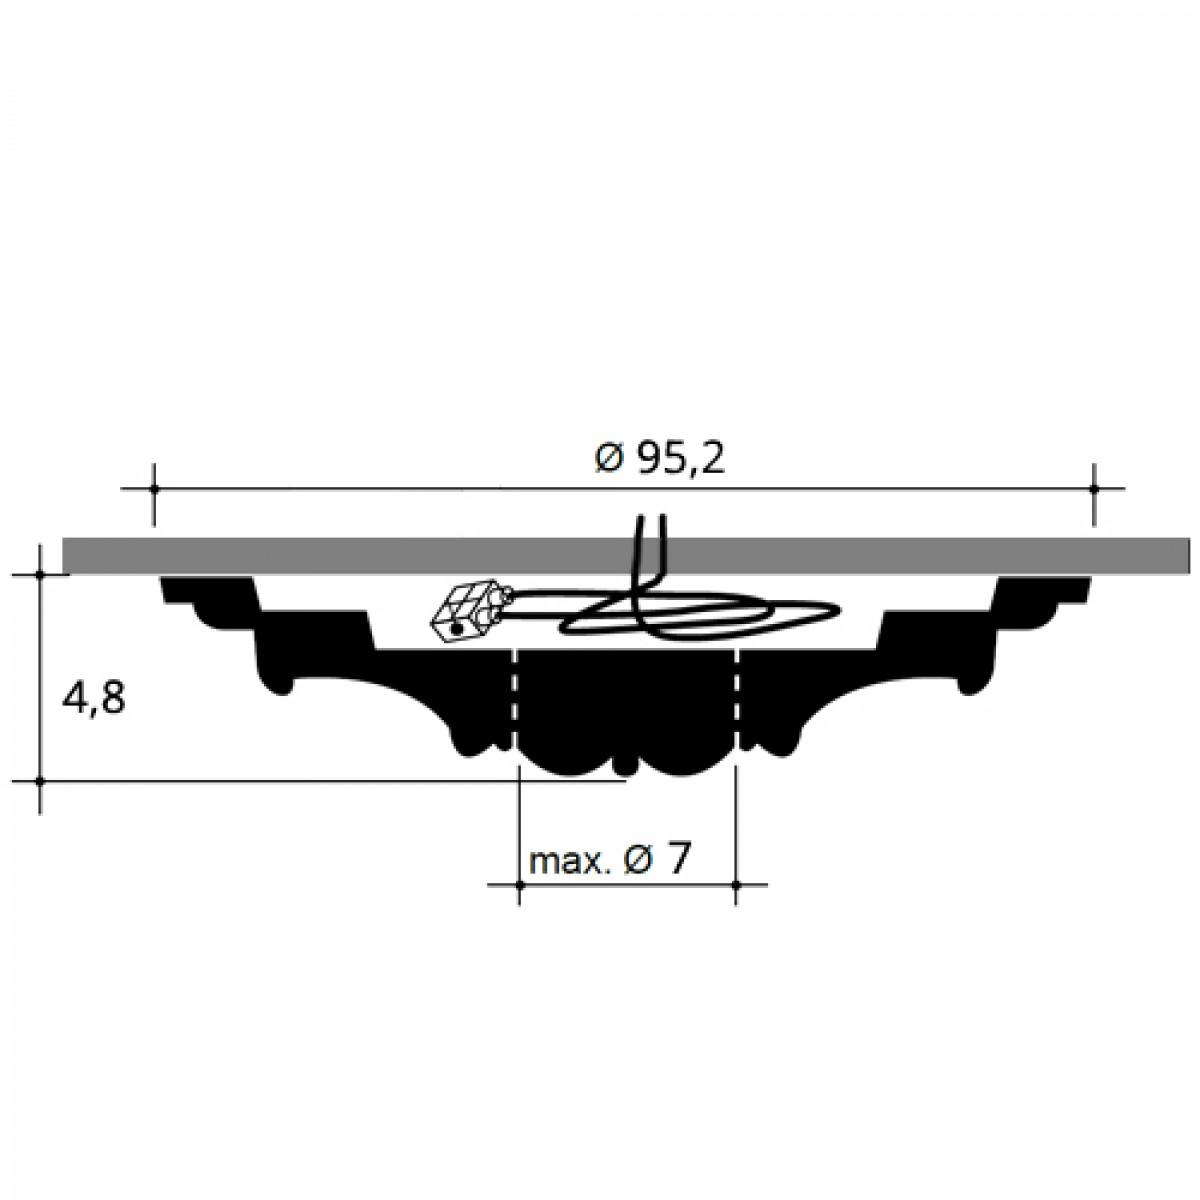 Rozeta Luxxus R64, Dimensiuni: diam. 95,2 cm (H: 4,8 cm), Orac Decor